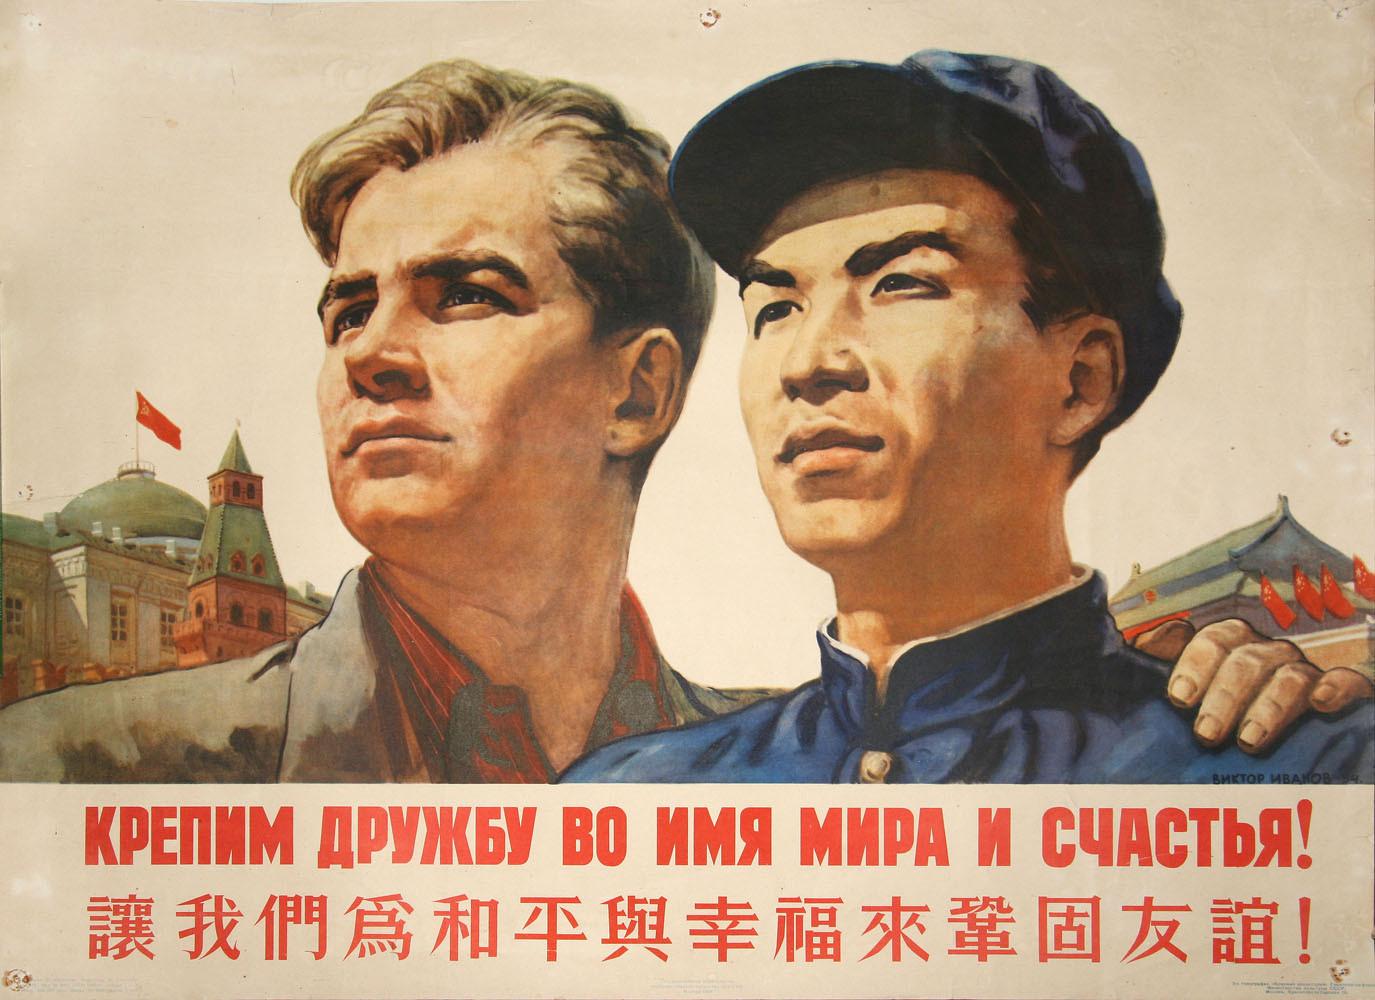 Тем временем в Китае, пока в РФ повышают налоги и экономят на пенсах